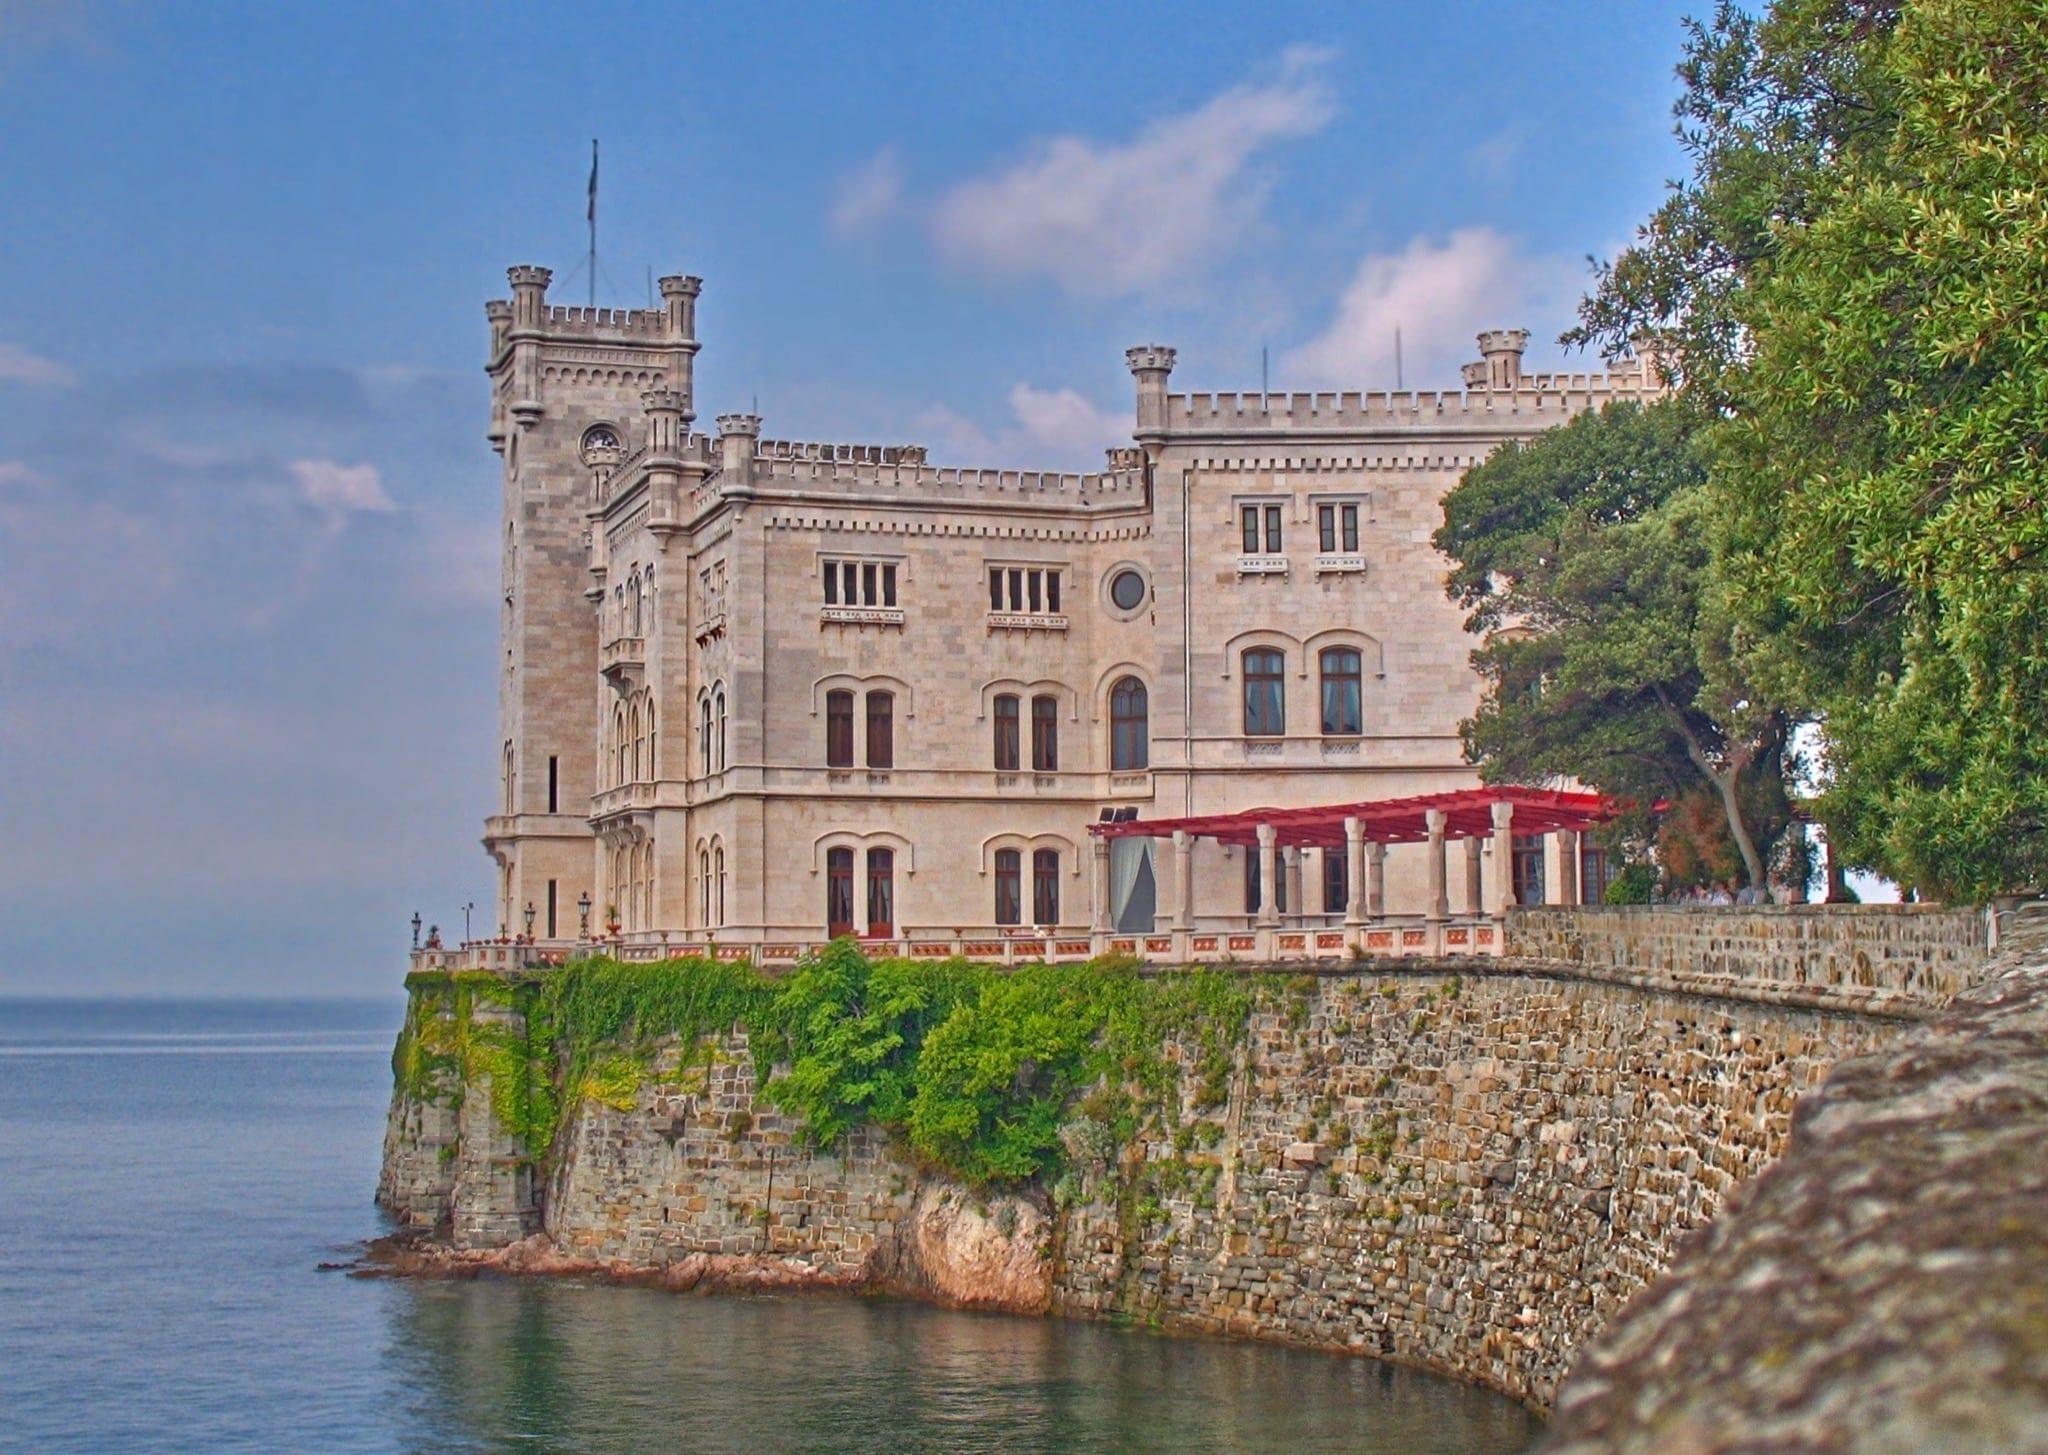 Schlos Miramare copy - Secretele Palatelor: Castelul Miramare, un loc romantic cu aureolă întunecată